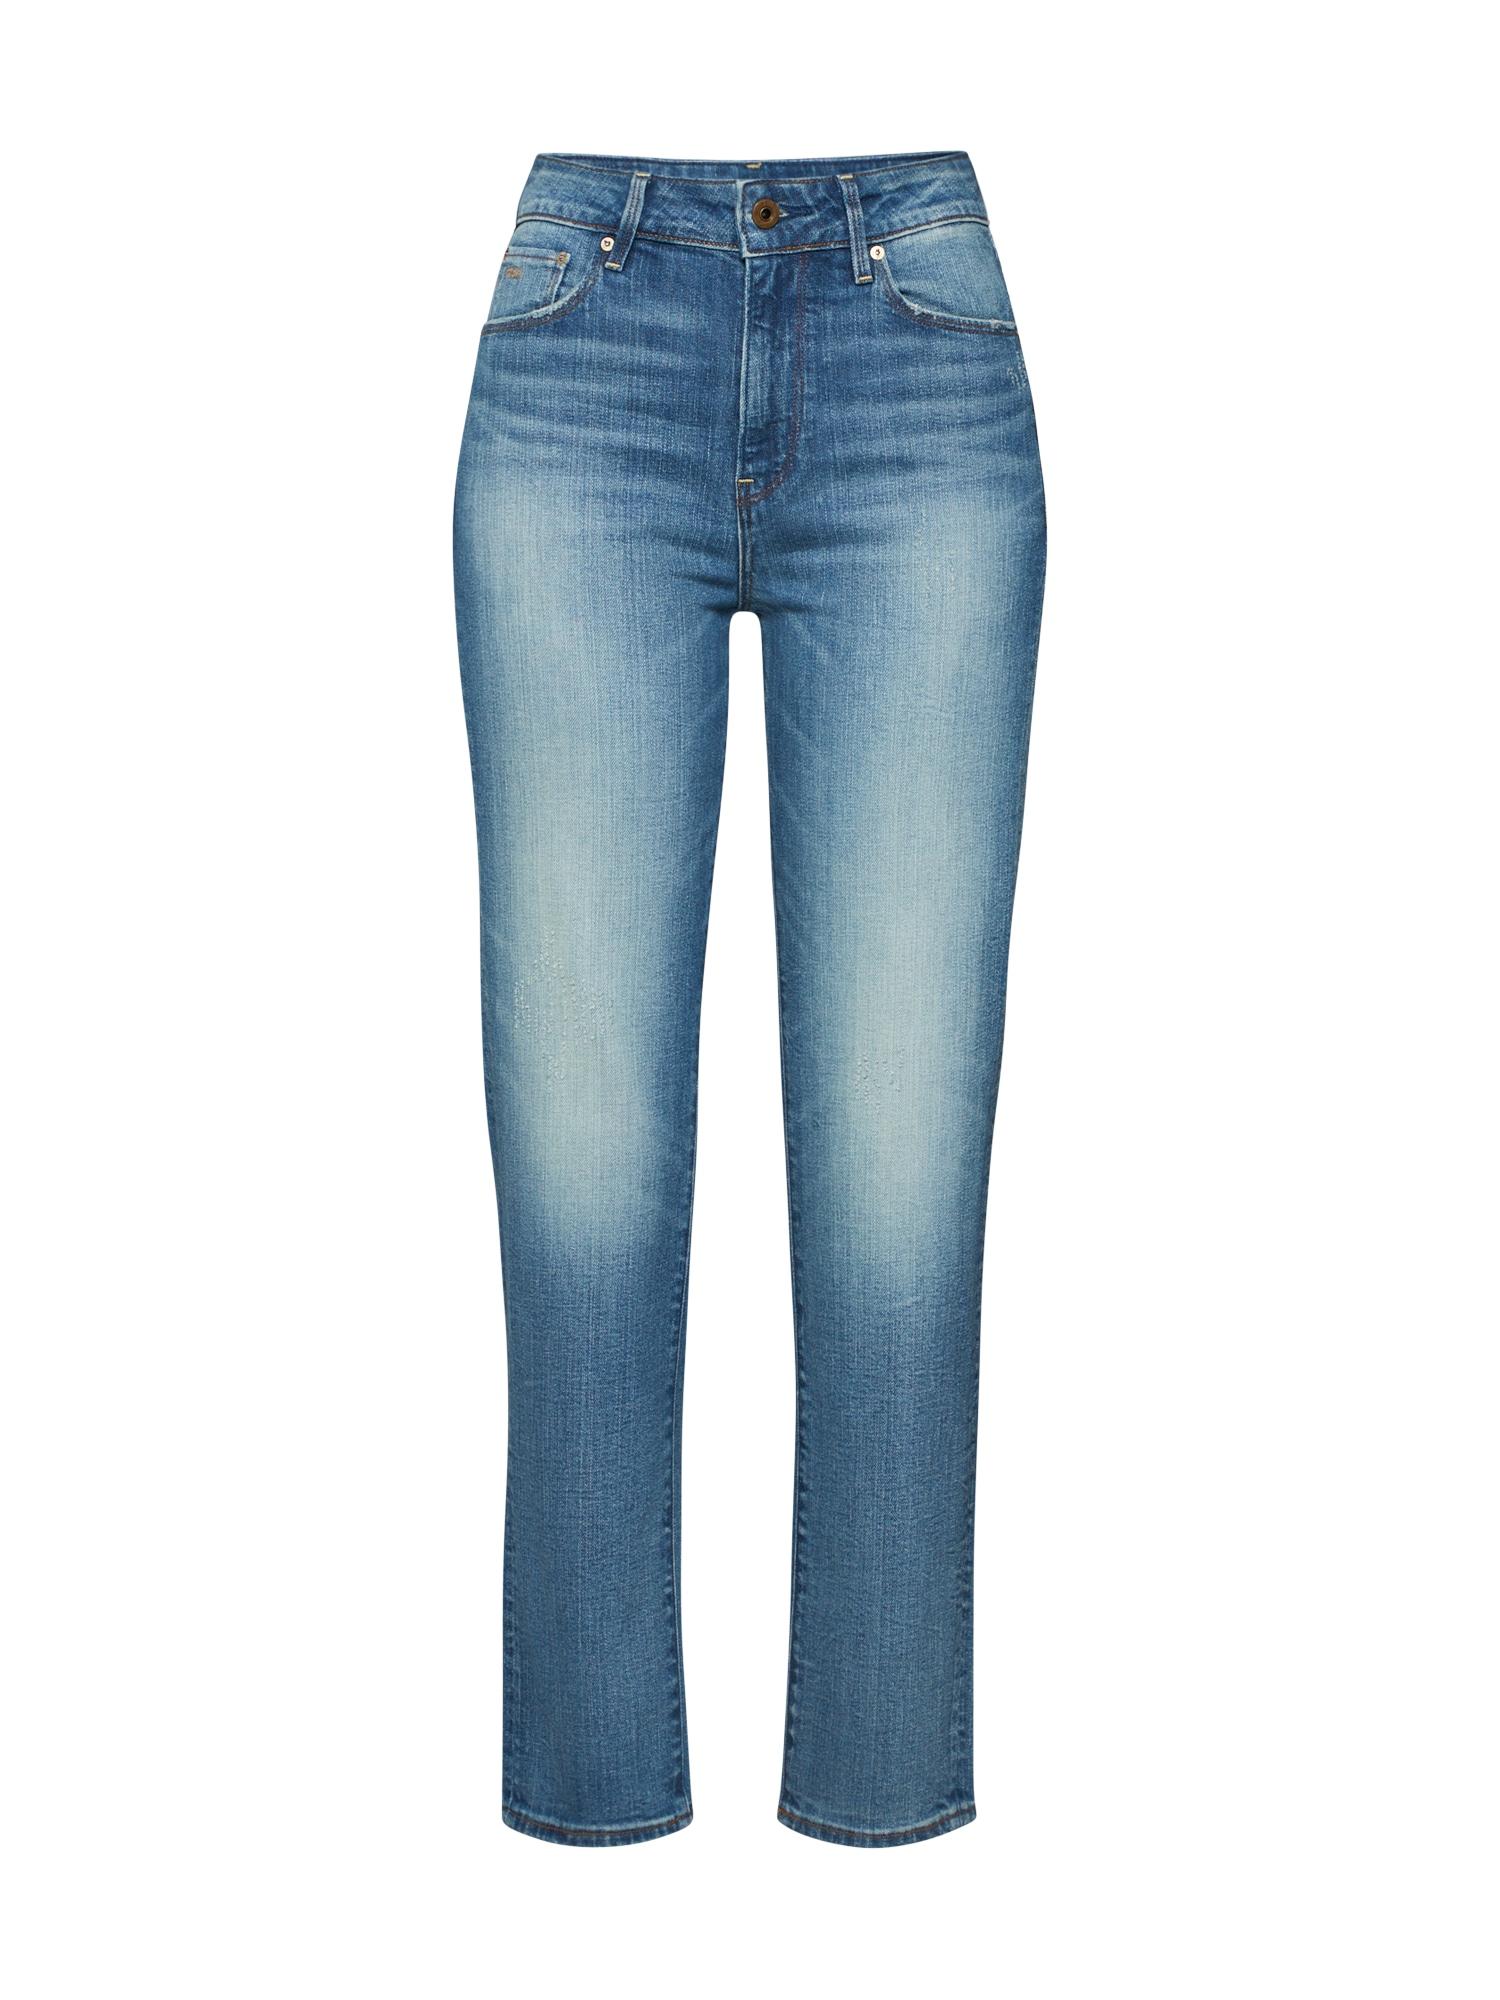 G-Star RAW Džinsai '3301 High Straight 90's Ankle Wmn' tamsiai (džinso) mėlyna